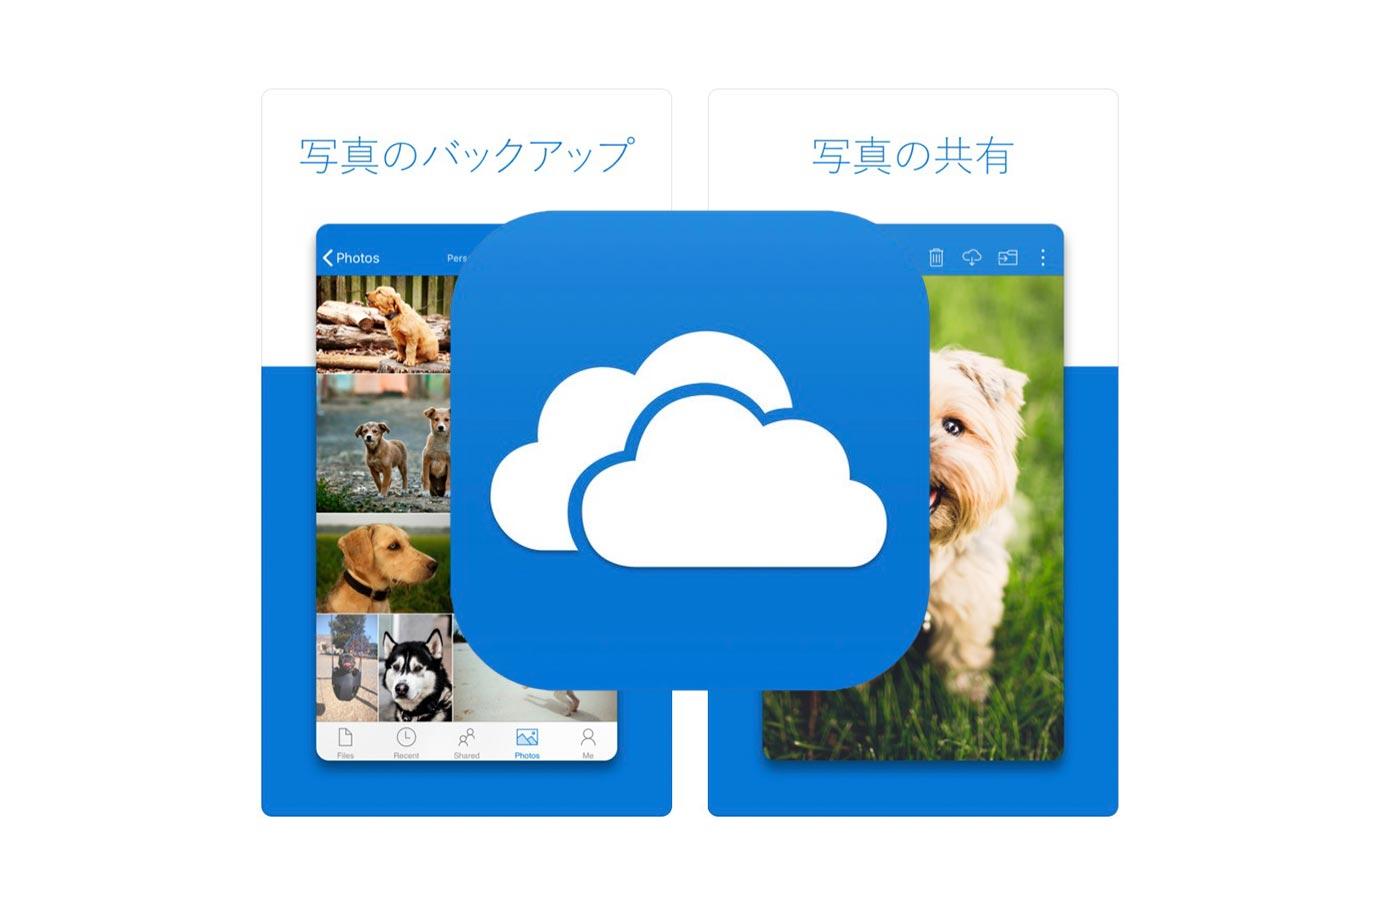 iOSアプリ「OneDrive」がアップデートで、新しいデザイン、ファイルアプリのサポートなど多くの新機能を追加